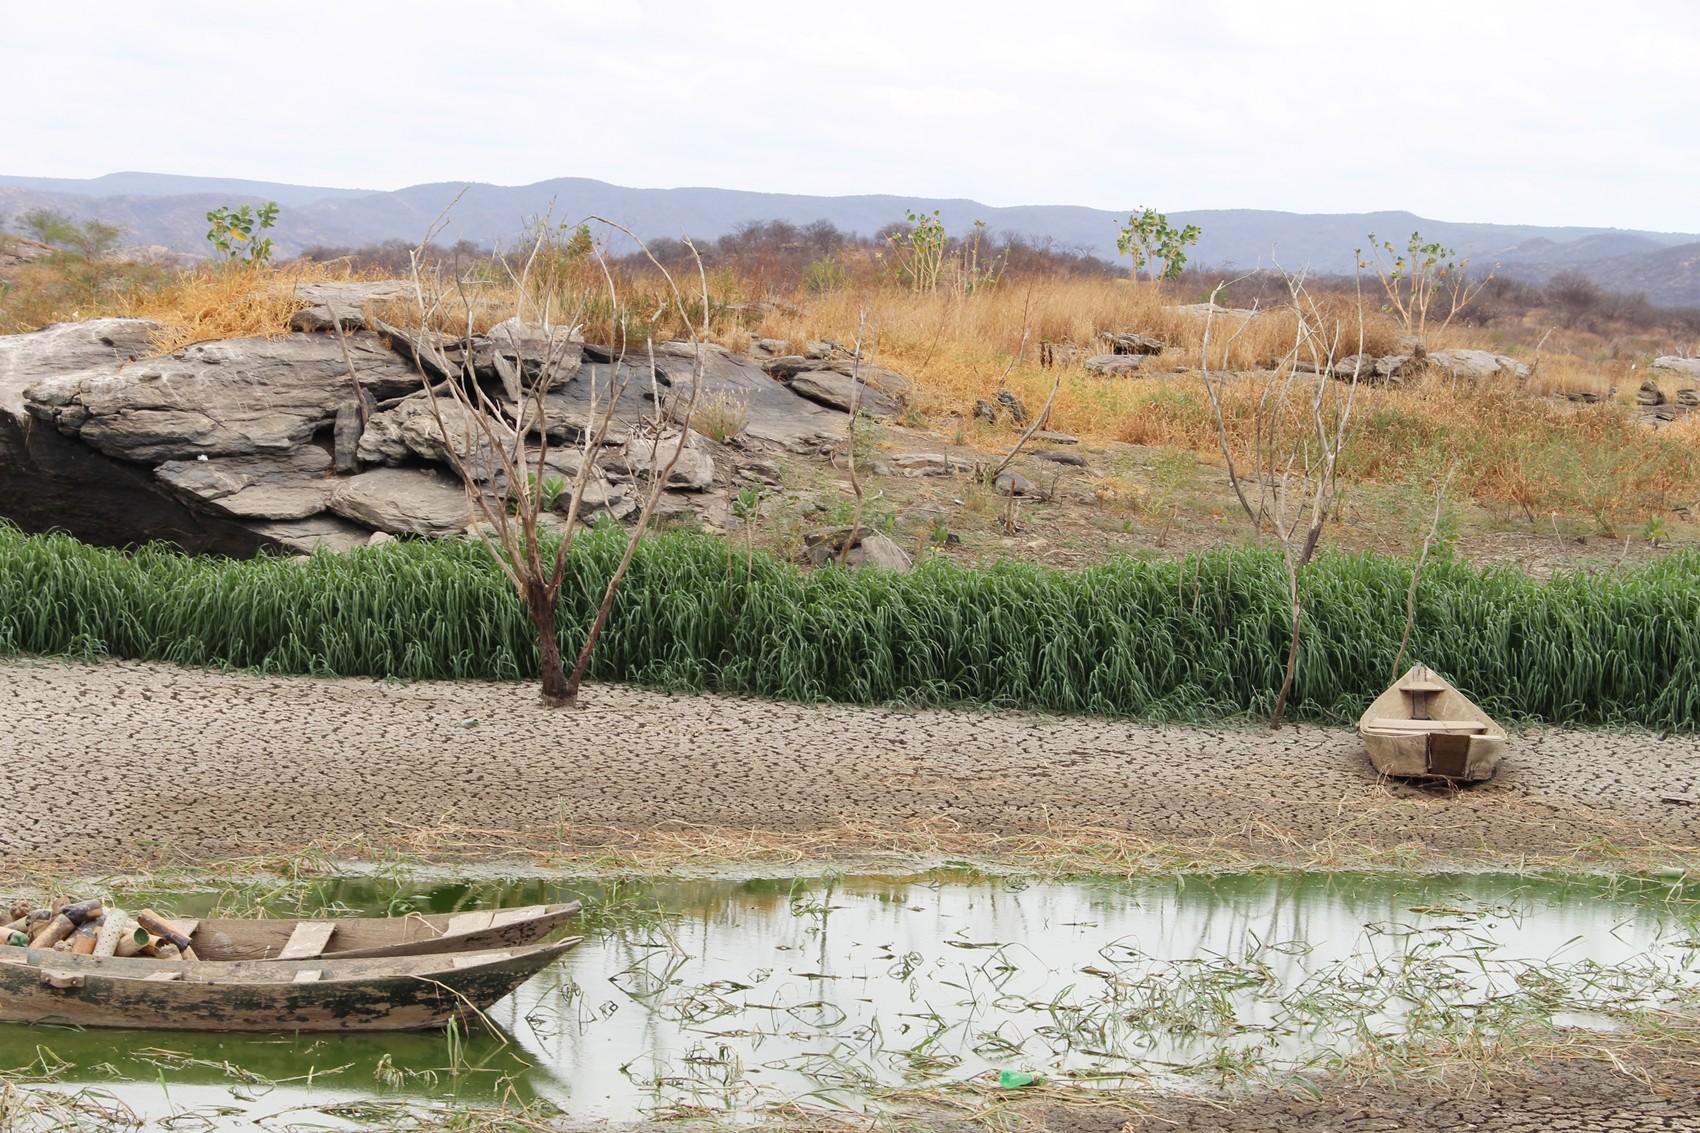 Ainda abaixo da média, RN tem ano mais chuvoso desde o início da seca